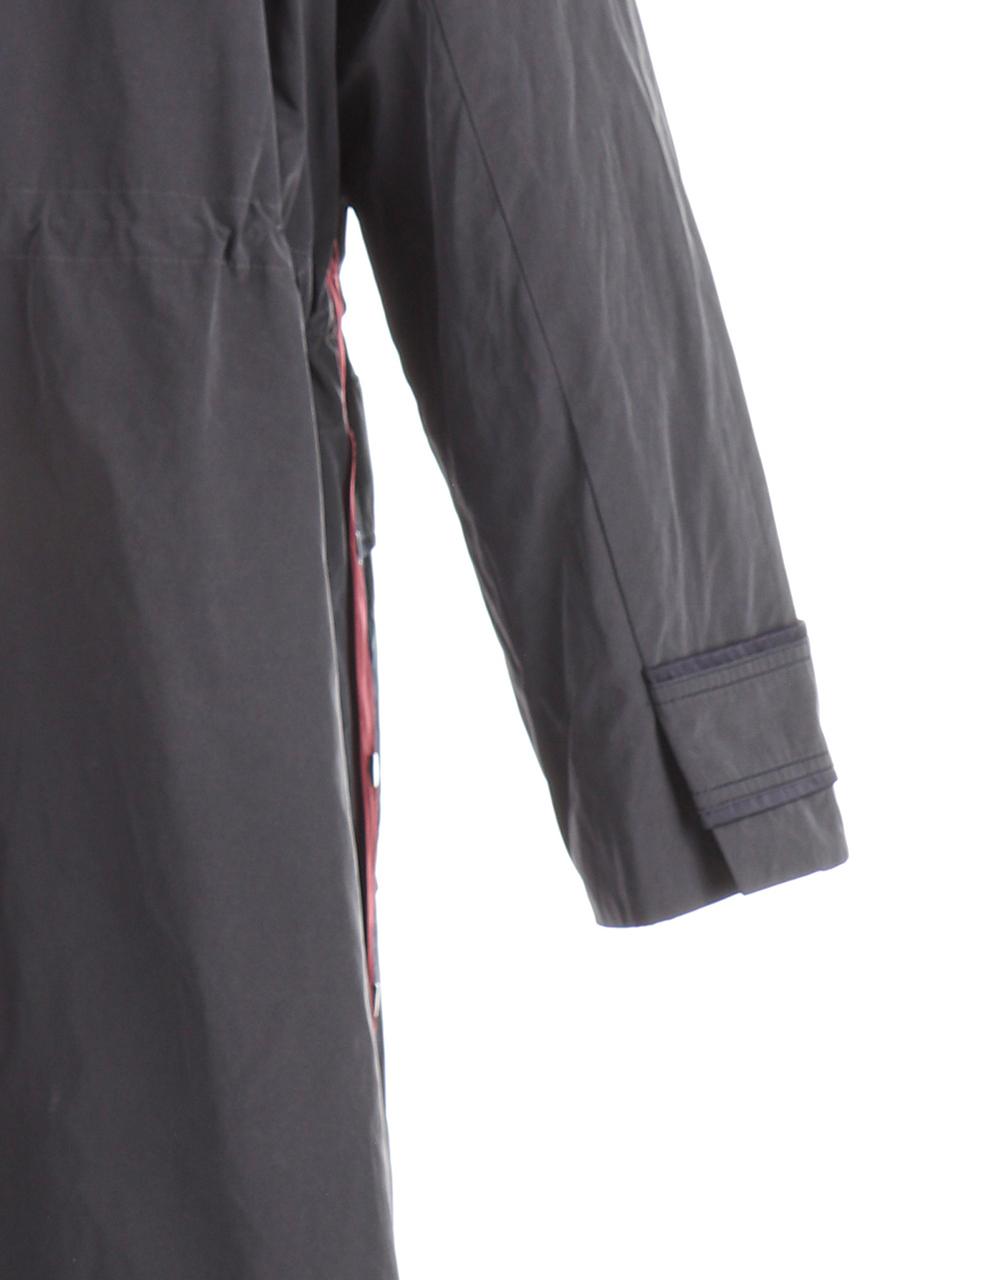 코트 상품상세 이미지-S2L34